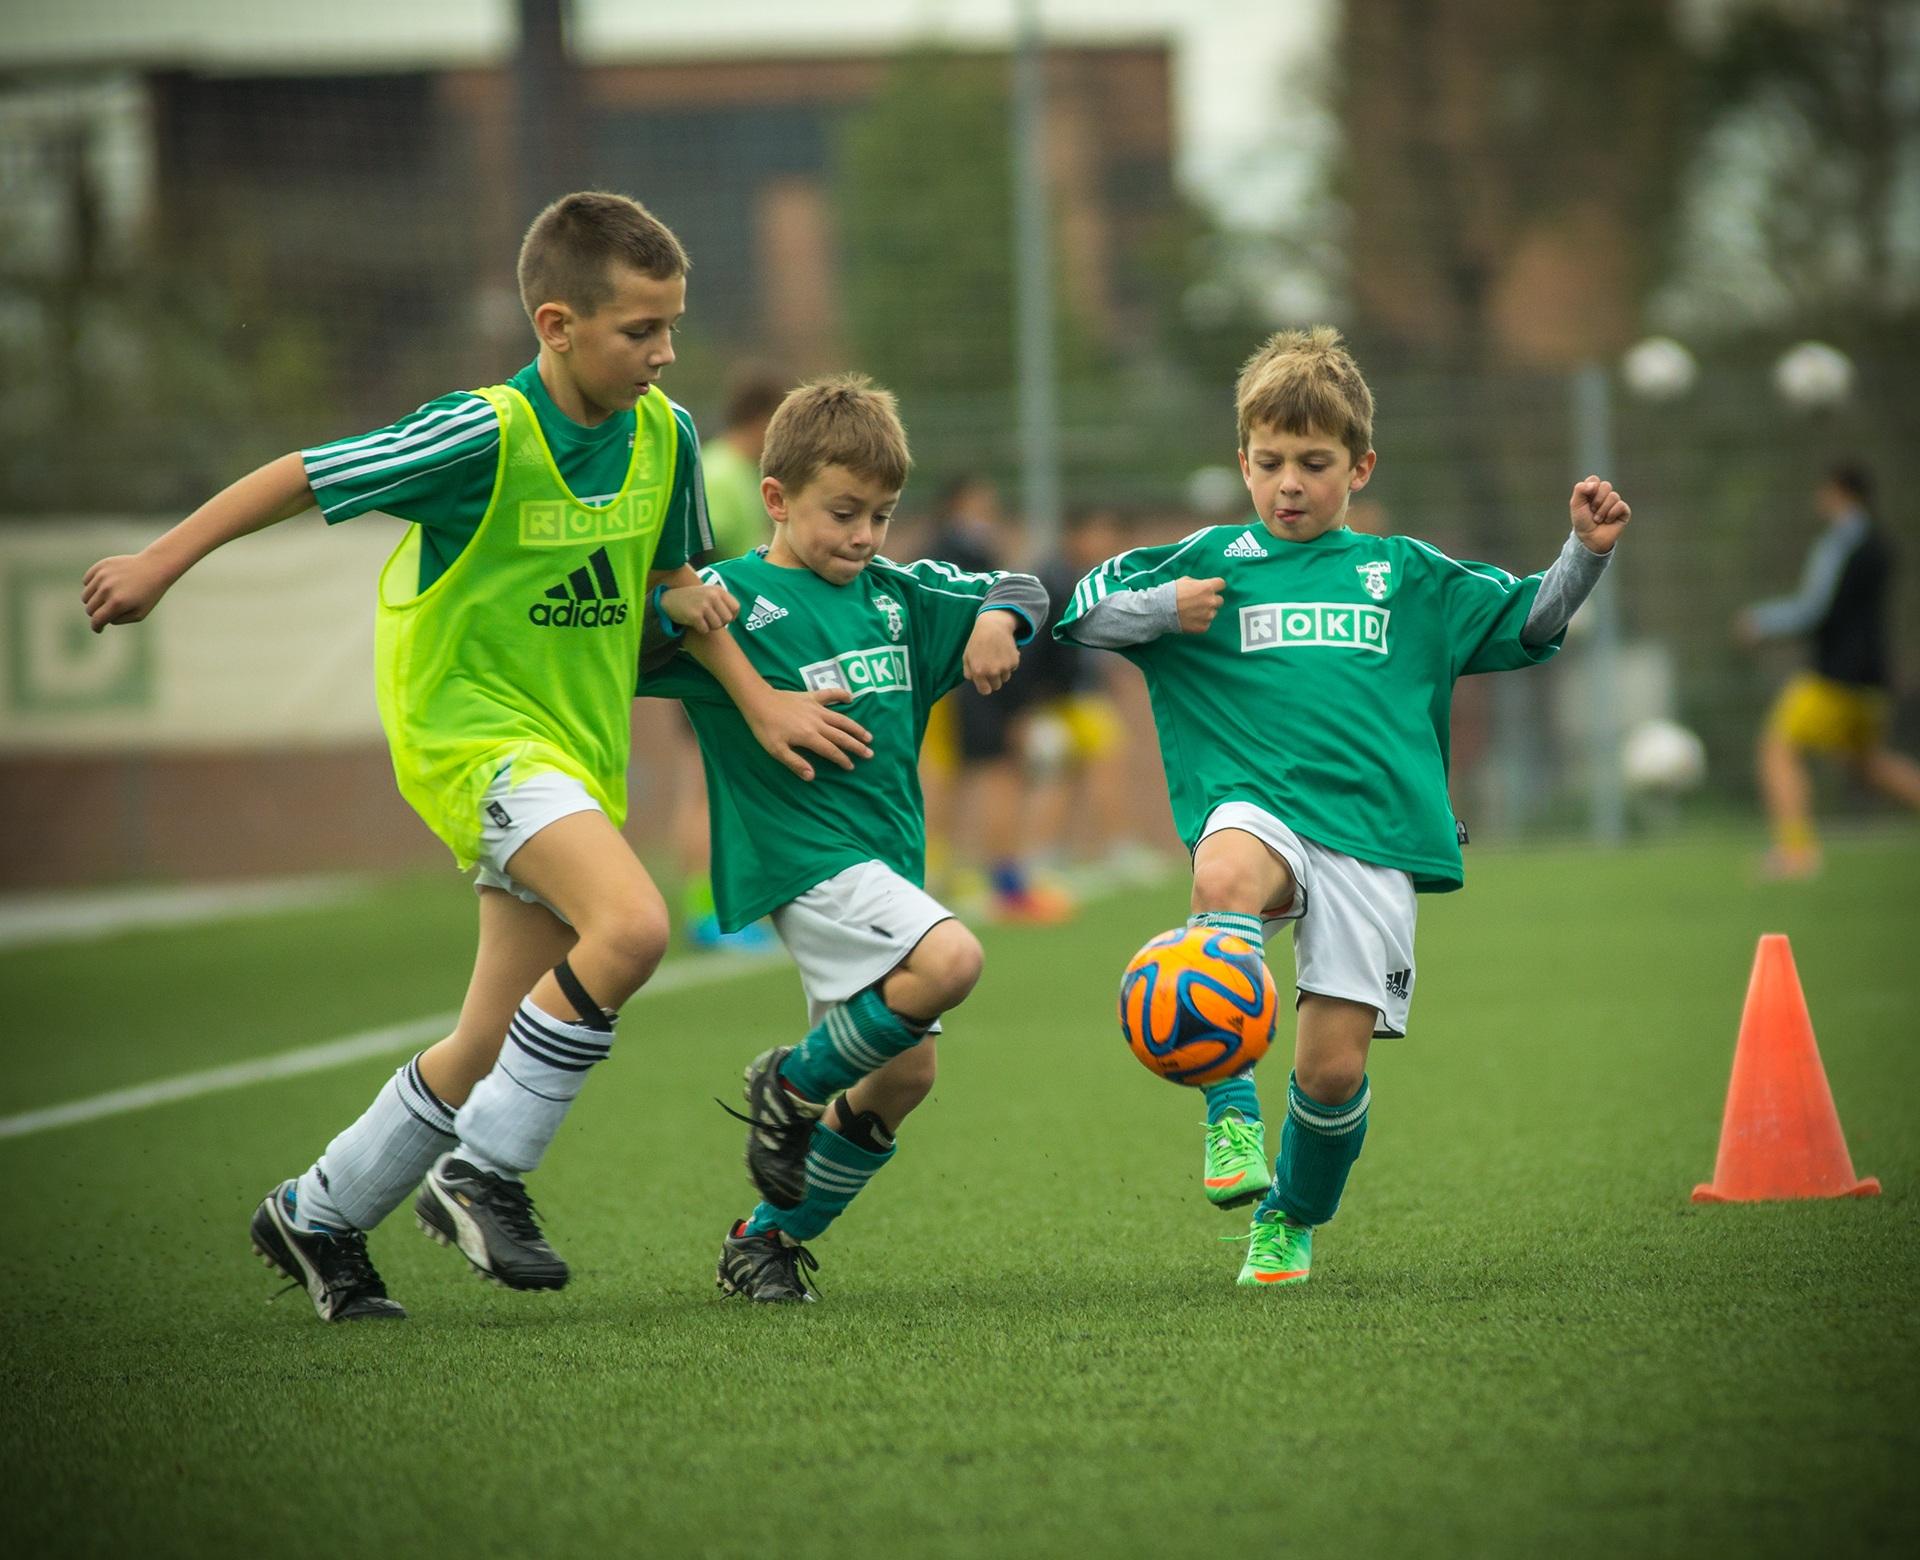 e010ba42 struktur fotball barn Fotball stadion spiller slåss bruk team sport ball  skudd fotballspiller takle fotballspiller clash